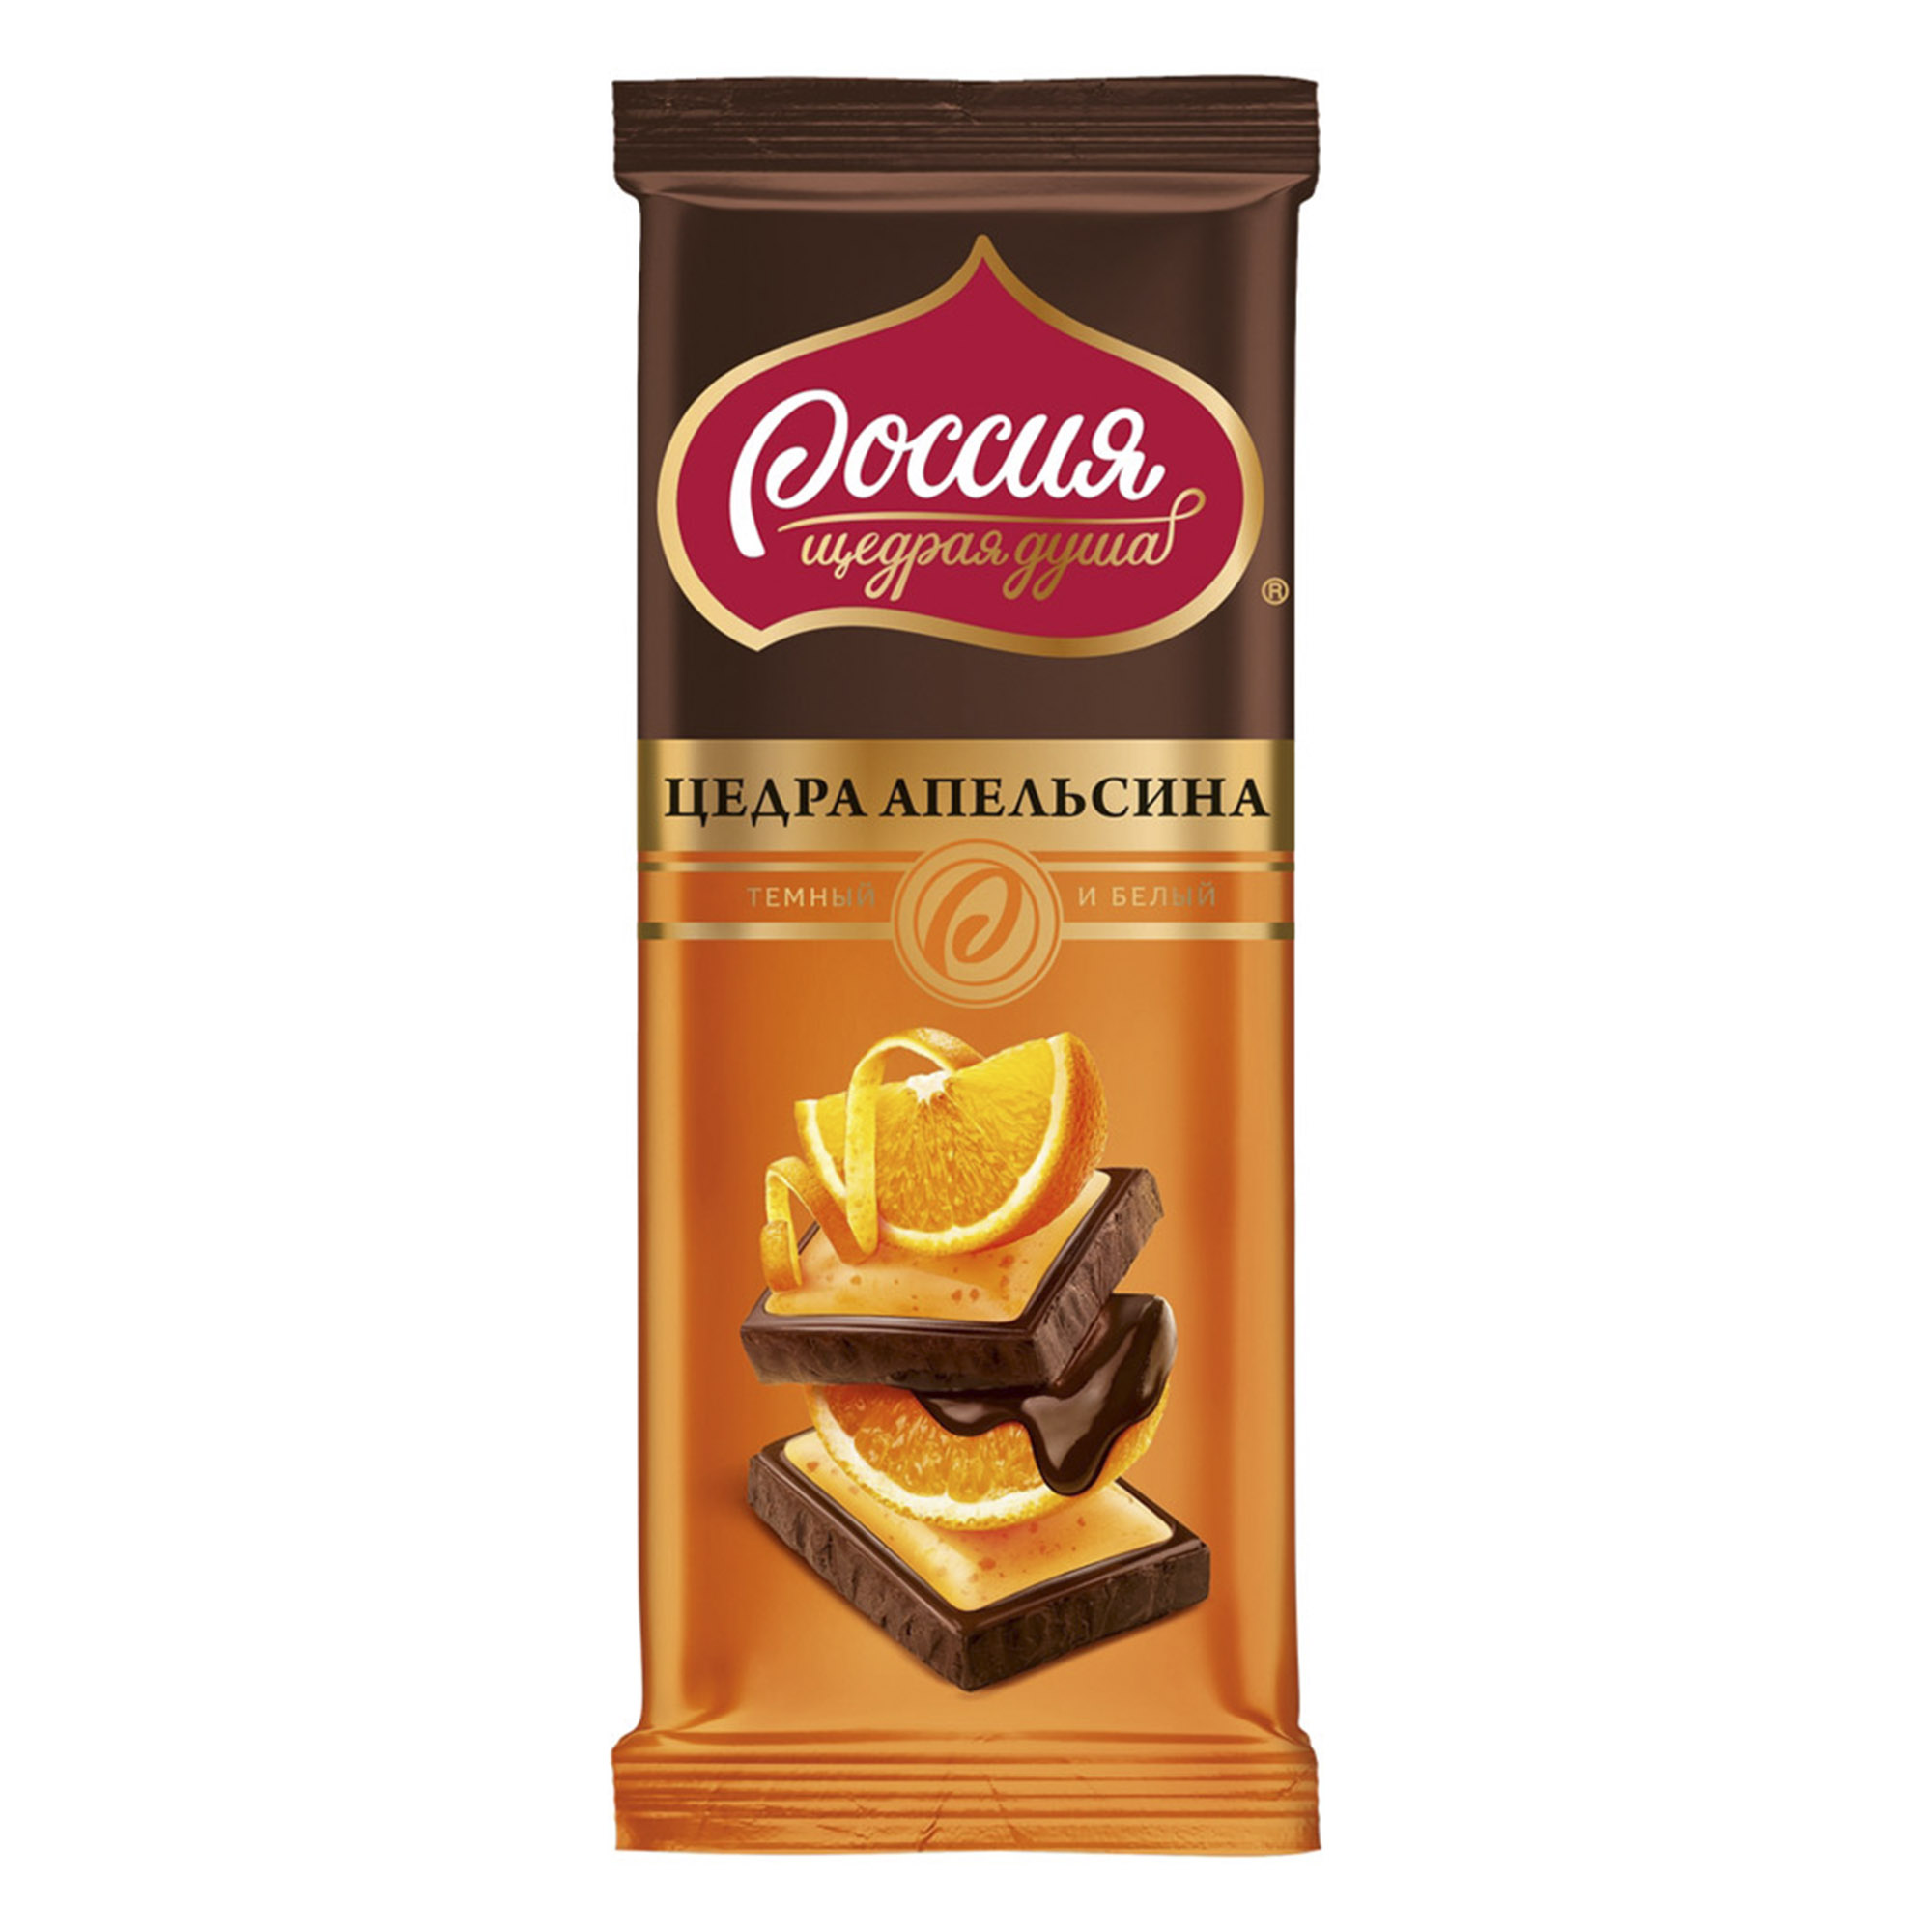 шоколад темный и белый россия щедрая душа со вкусом вишни и хрустящими шариками 85 г Шоколад Россия щедрая душа темный и белый с цедрой апельсина 85 г